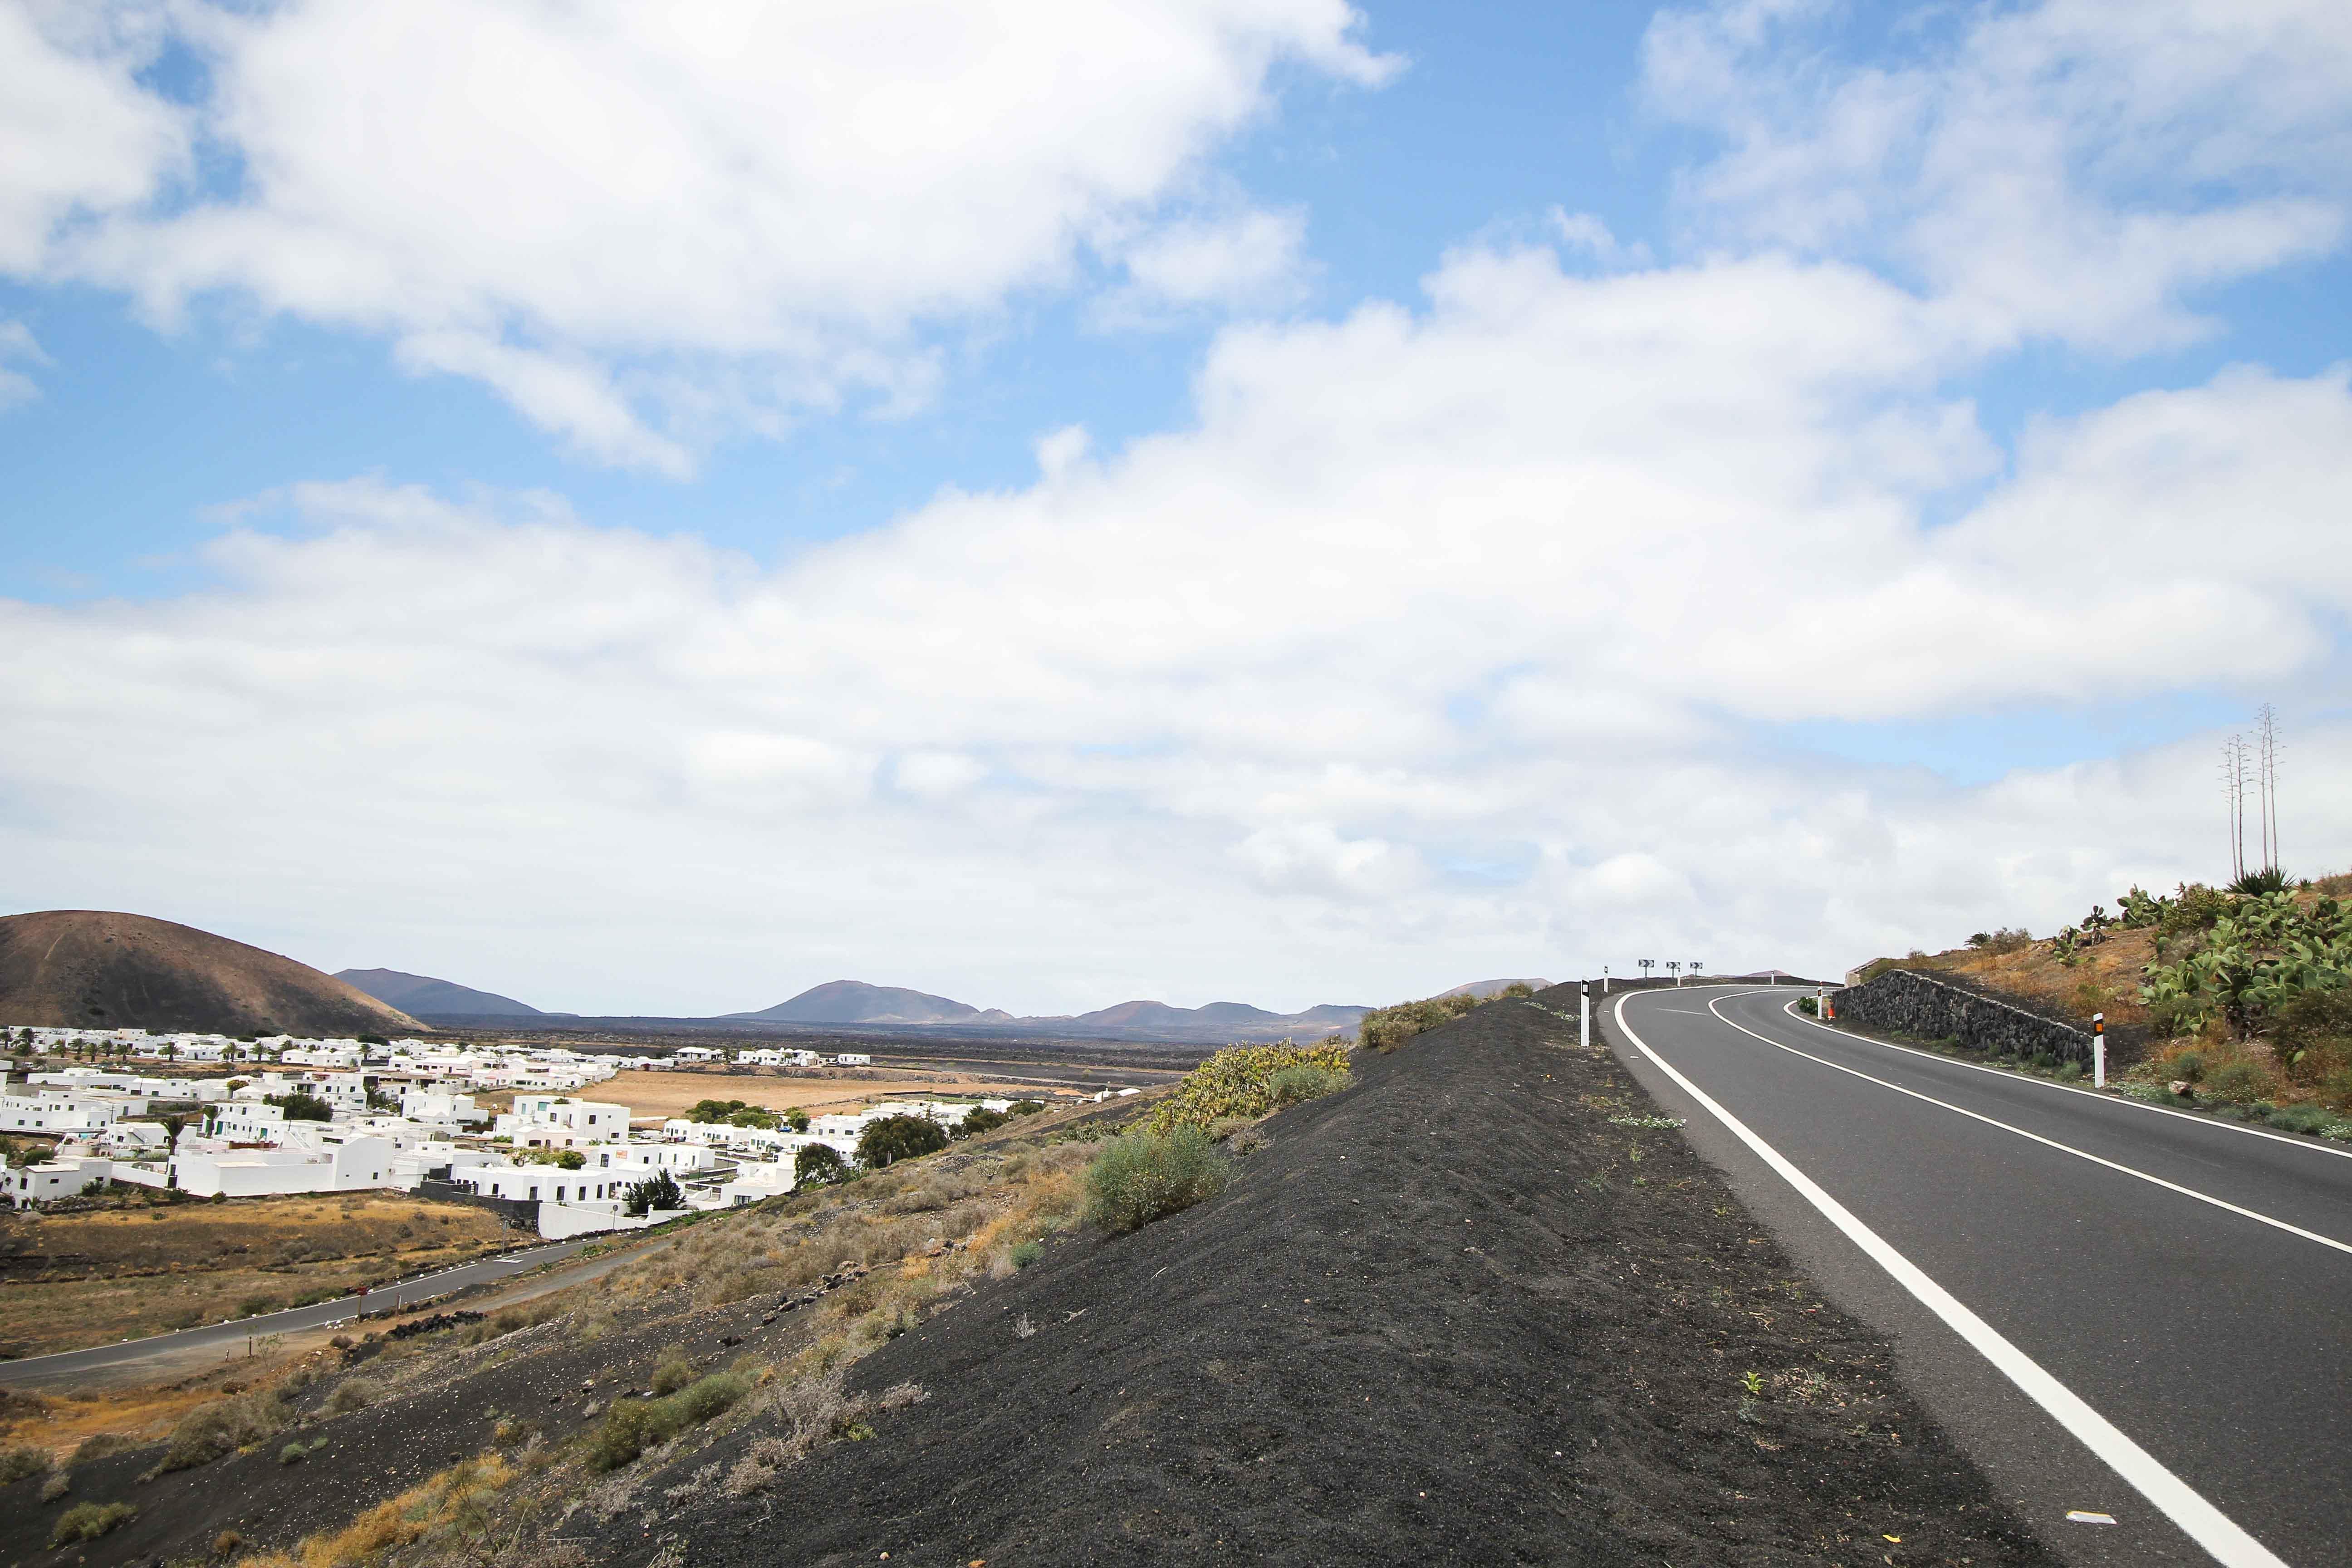 Top 10 Tipps Lanzarote Sehenswürdigkeiten Insider Tipps Lanzarote Spanien Mietwagen Straße Roadtrip Route Reiseblog 2